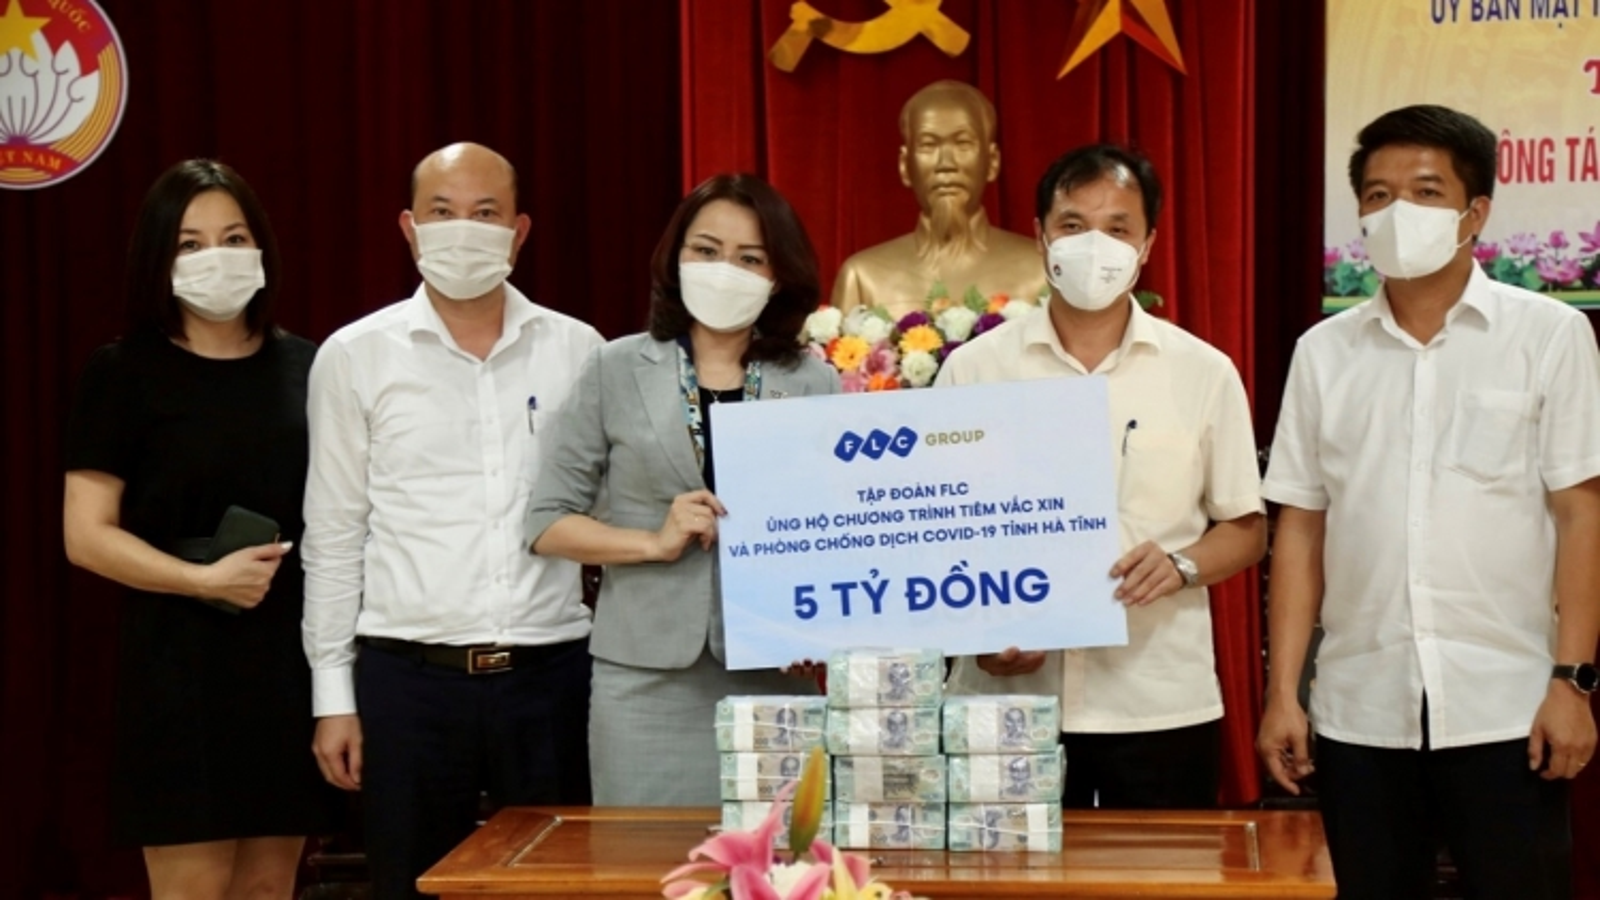 Chung tay chống dịch cùng hàng loạt tỉnh thành, FLC tiếp tục ủng hộ Hà Tĩnh 5 tỷ đồng